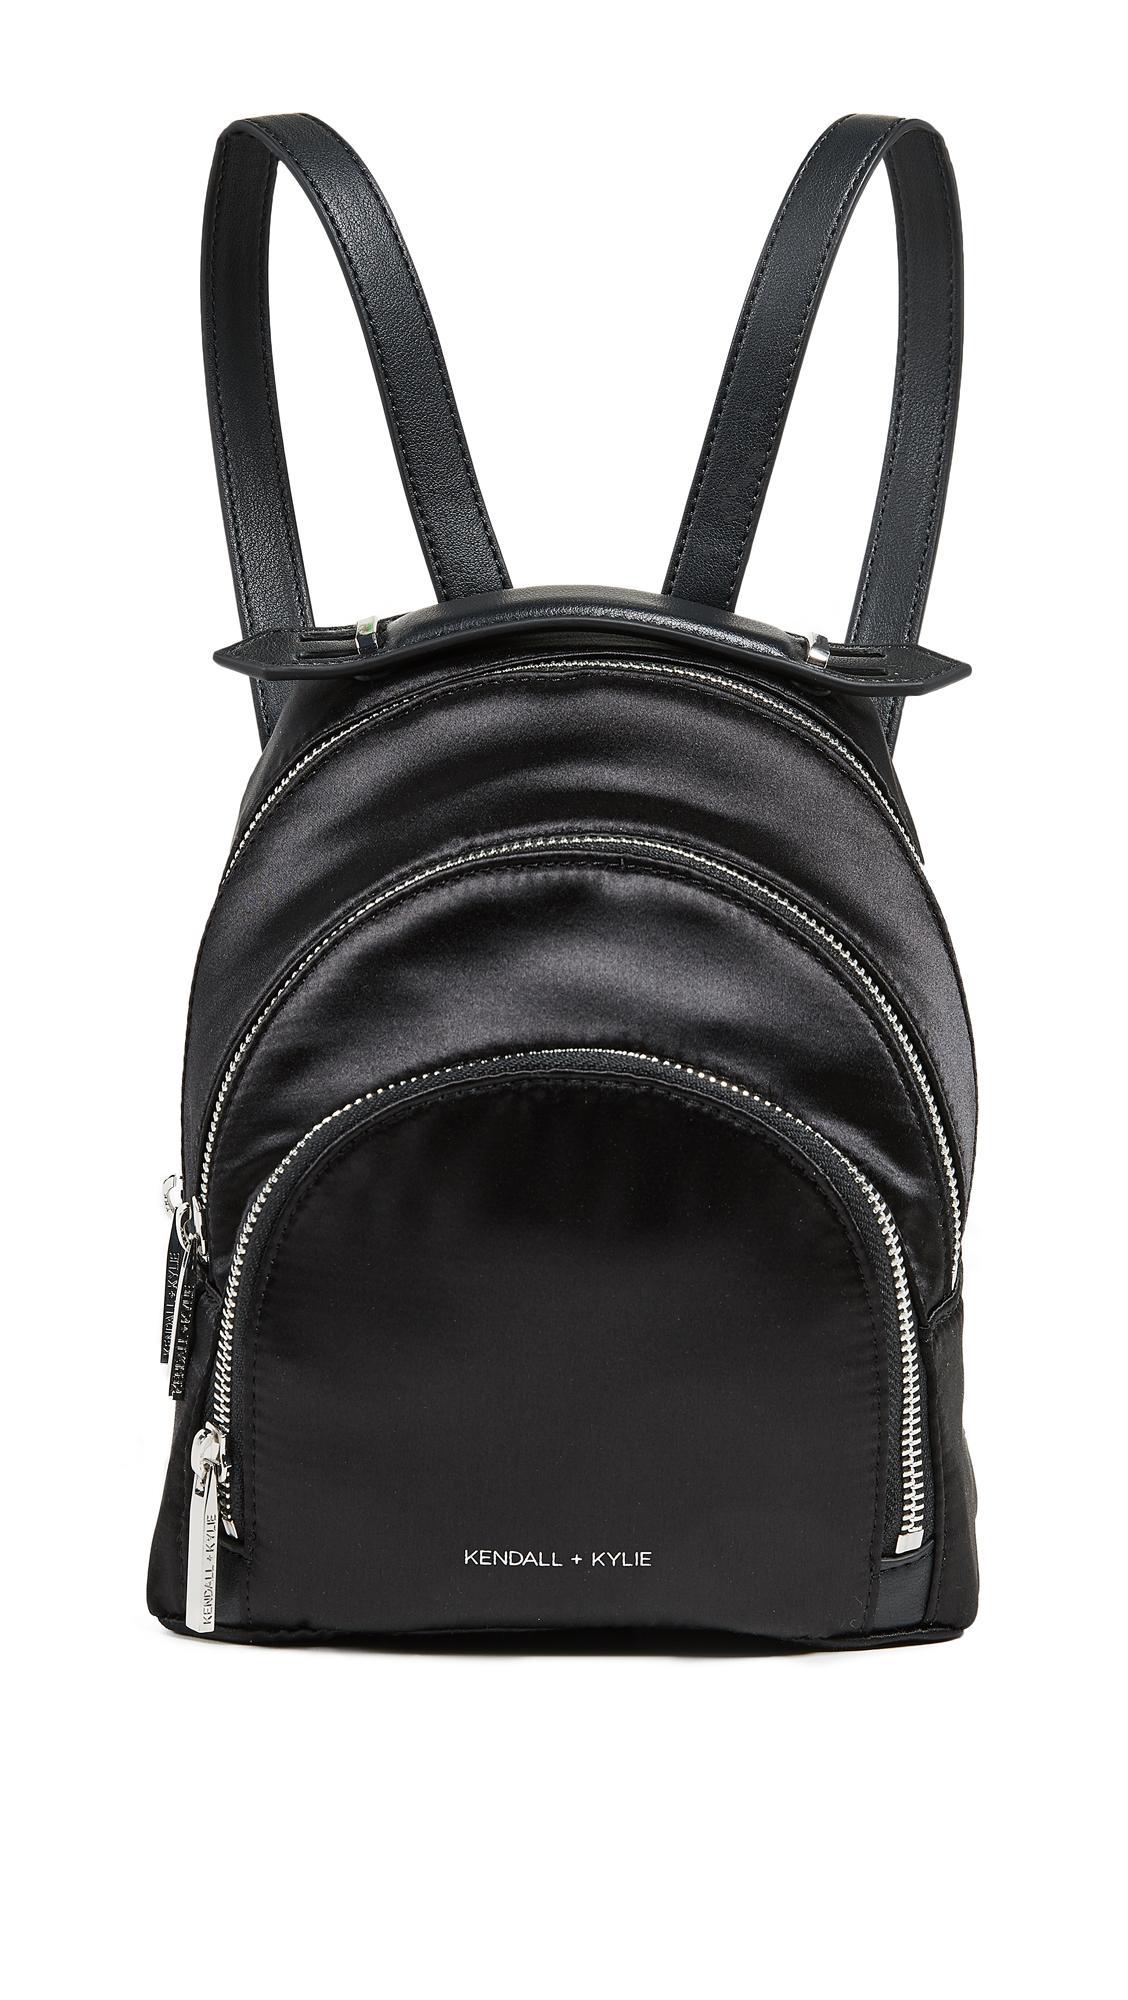 Kendall + Kylie Sloane Mini Backpack In Black